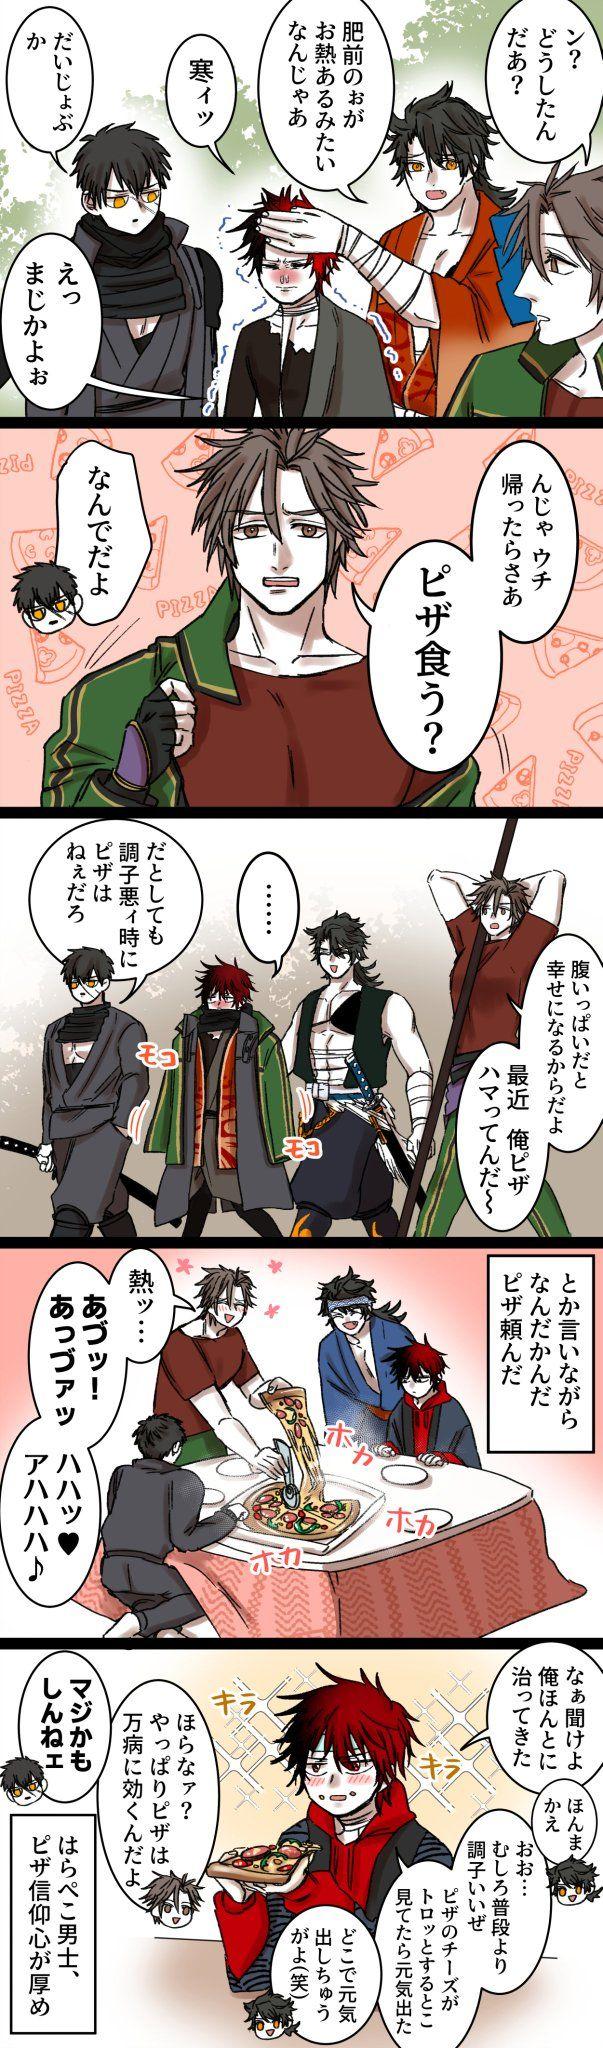 いづ on twitter touken ranbu manga anime